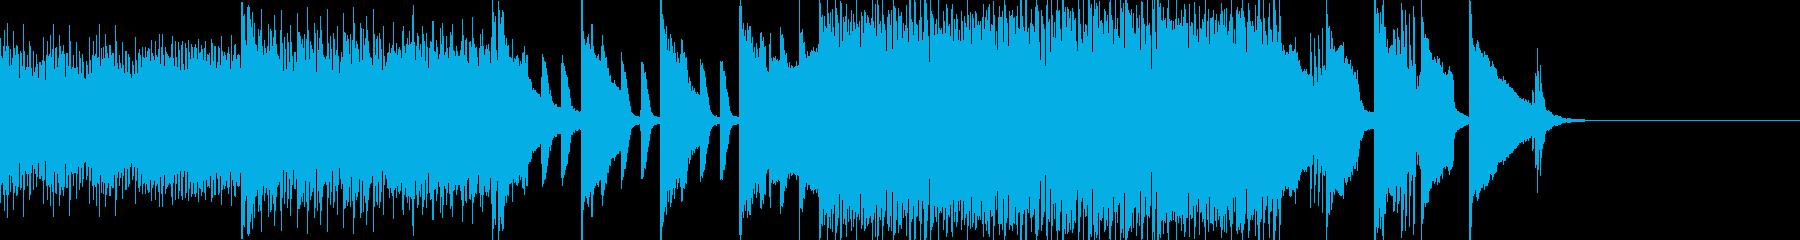 天才科学者の大発見をイメージしたBGMの再生済みの波形